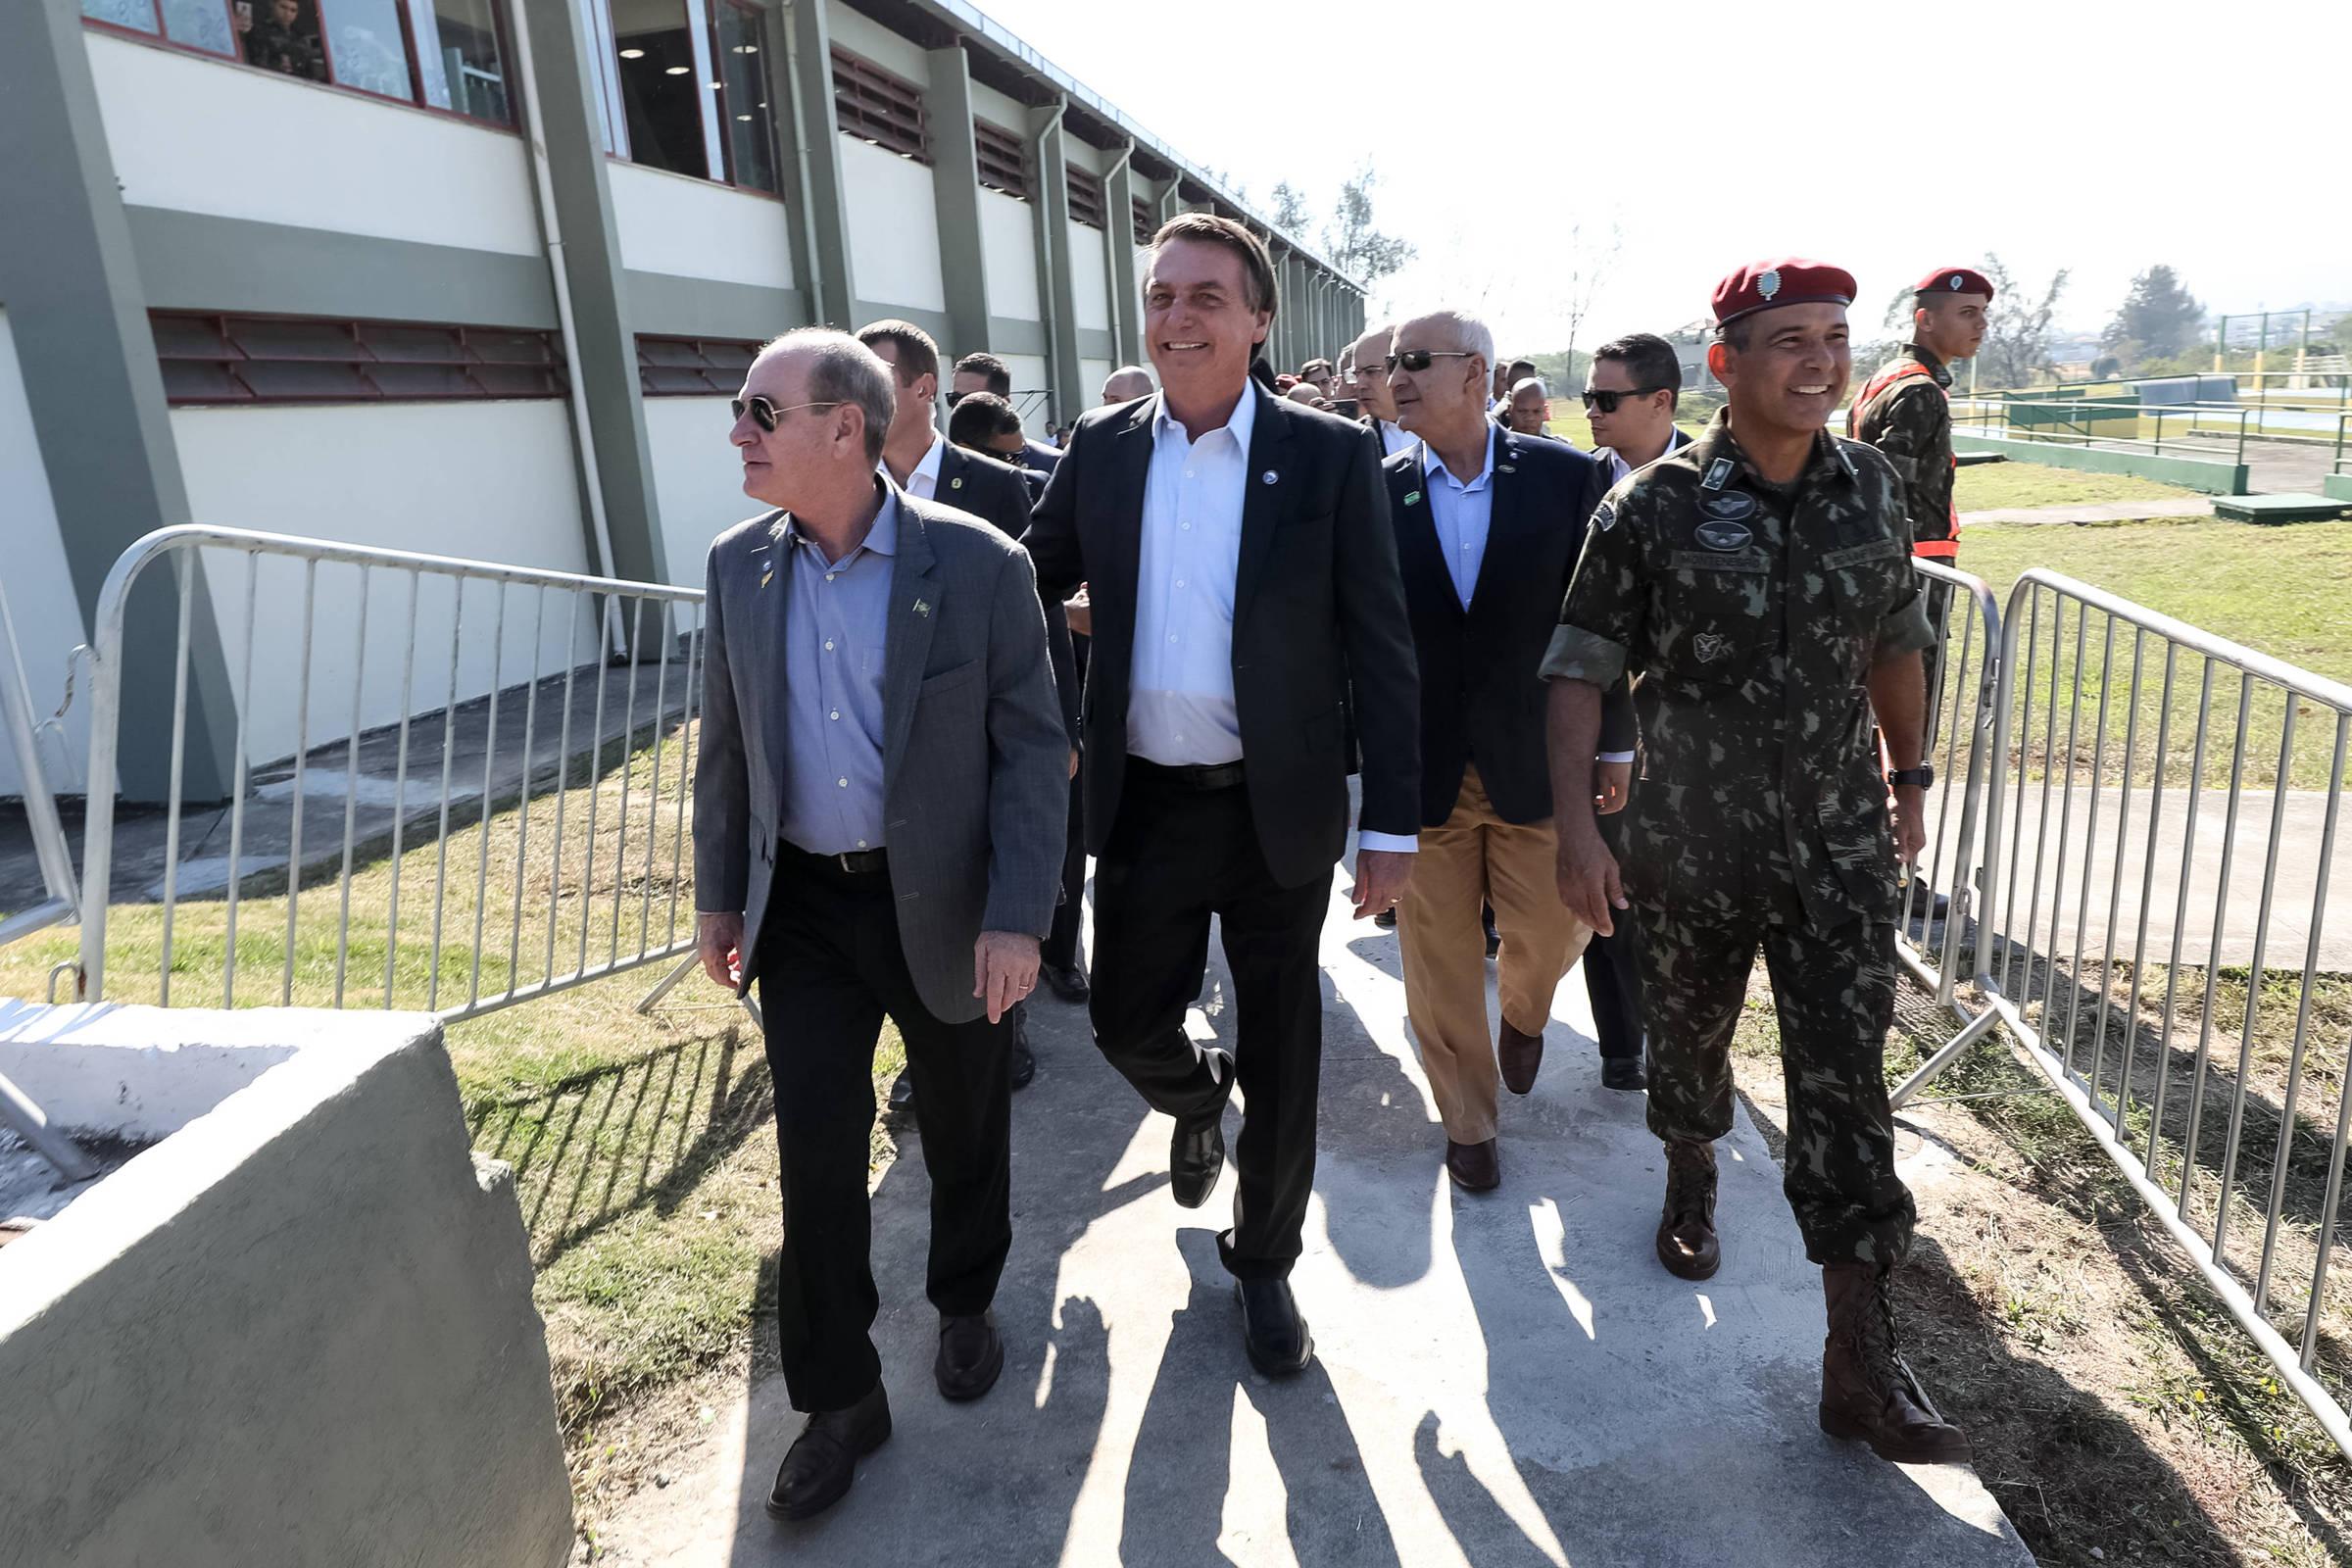 Presidente caminha acompanhado de outras pessoas durante cerimônia militar.